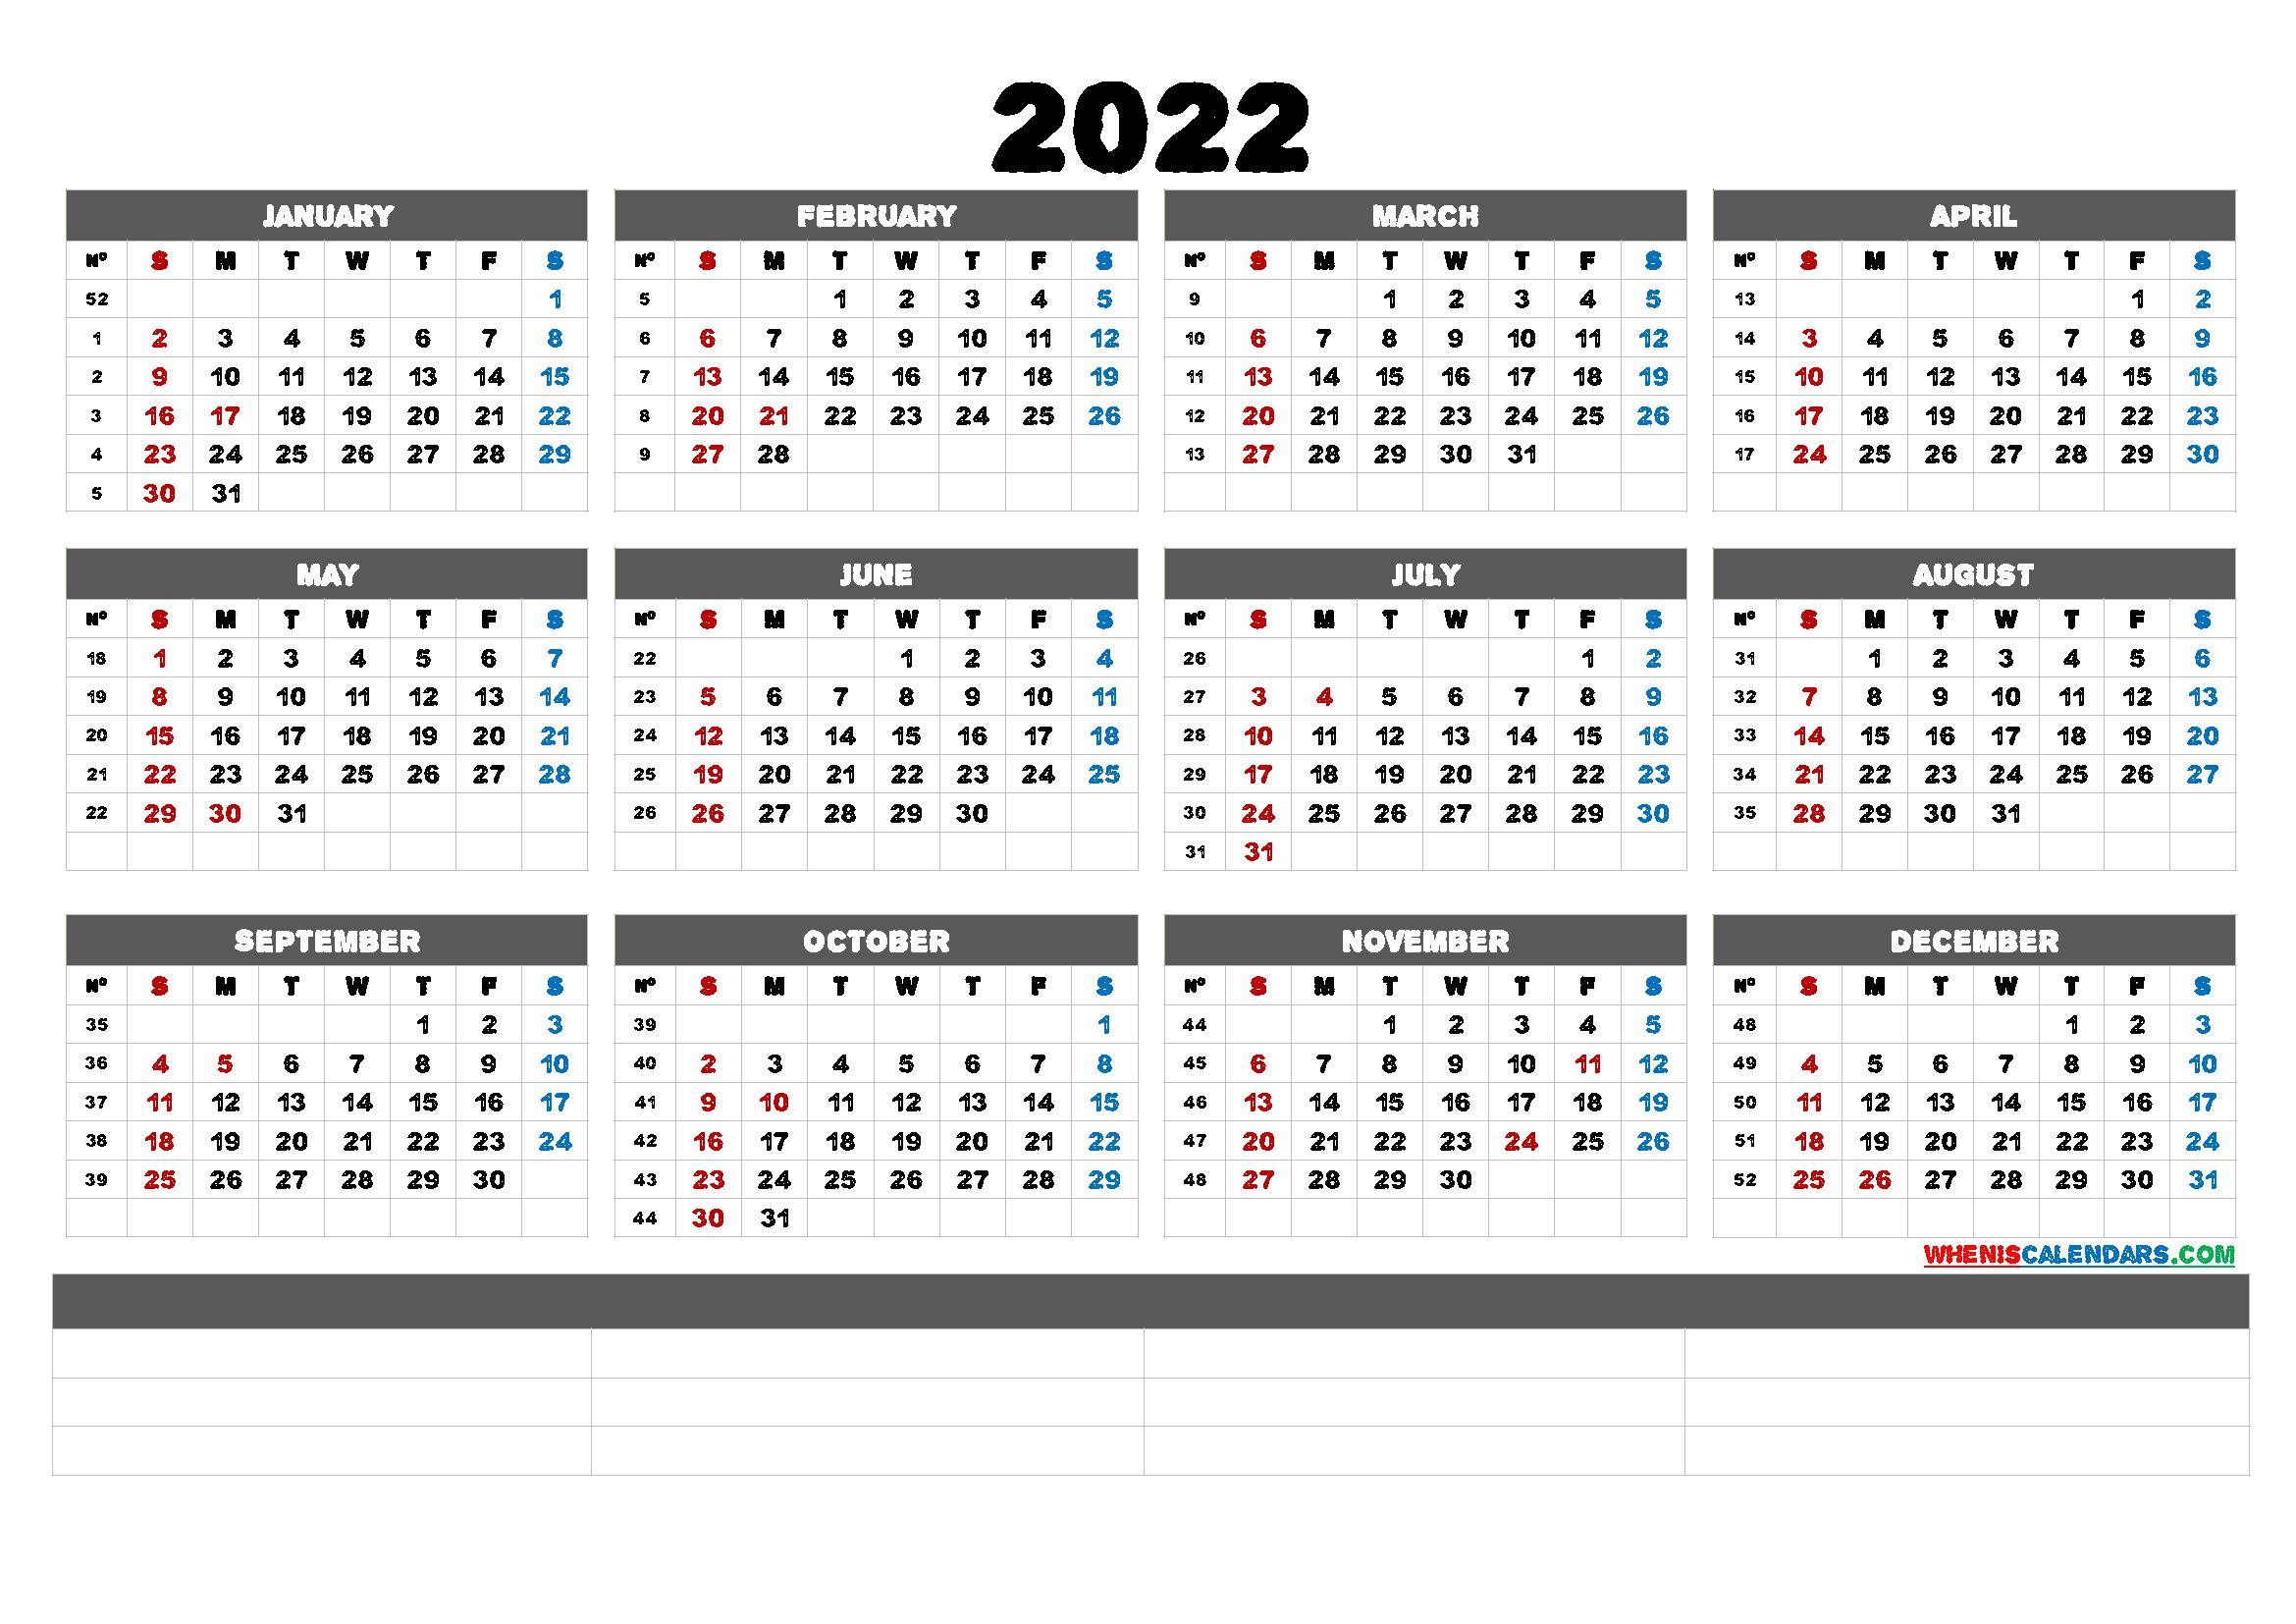 2022 Weekly Calendar Printable.Free Printable Calendar Templates 2022 6 Templates Free Printable 2021 Monthly Calendar With Holidays